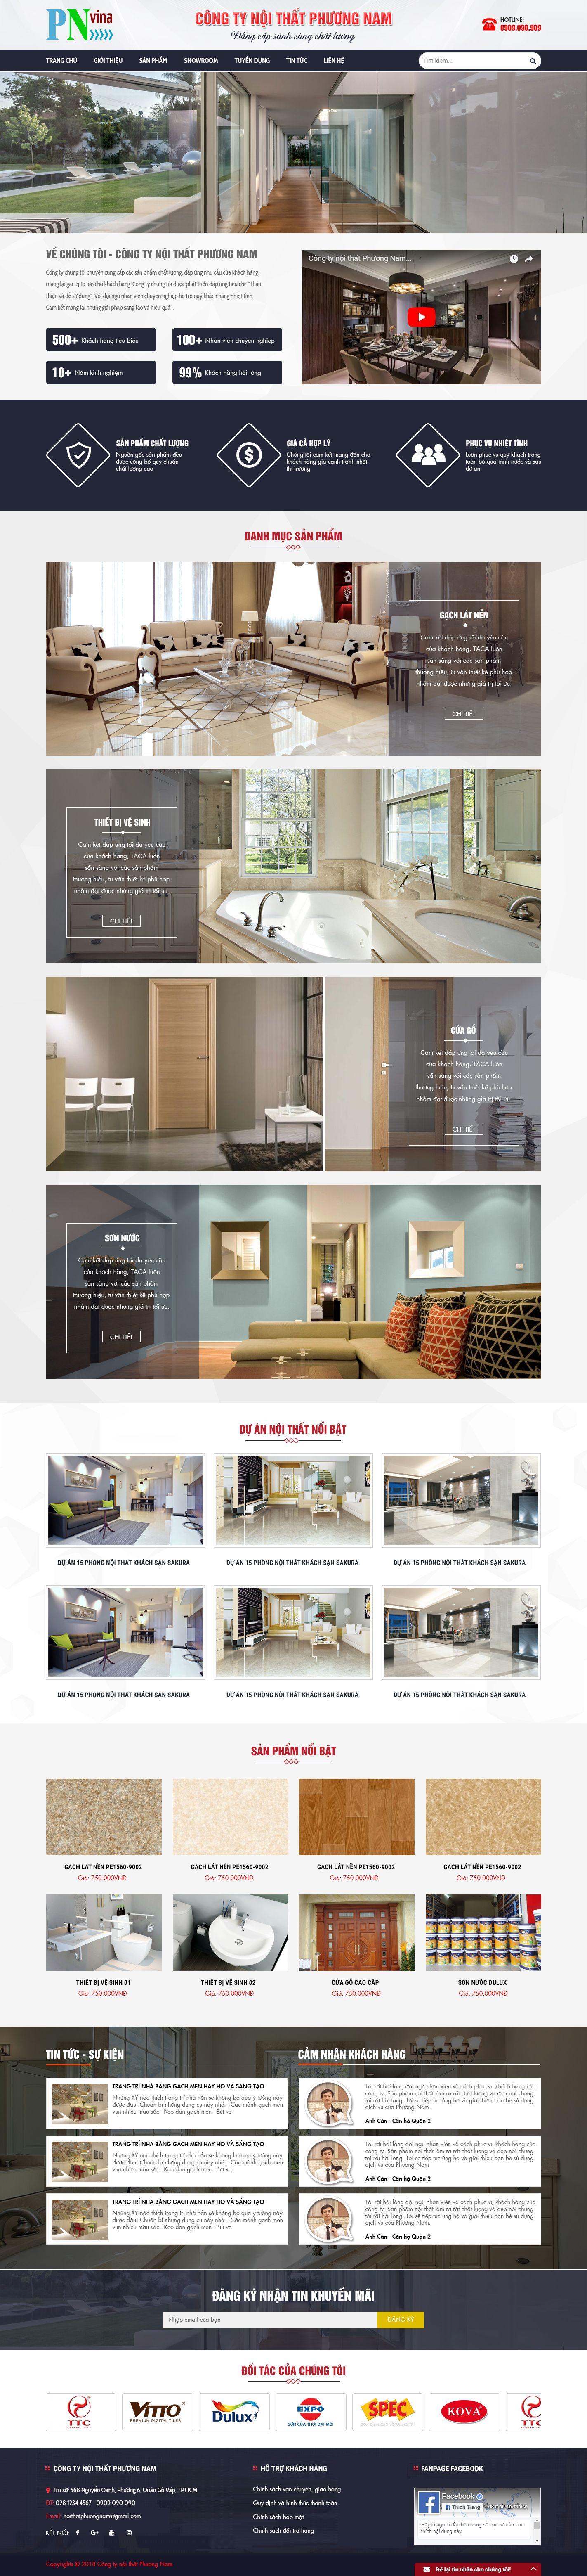 MS21 - Mẫu giao diện website bán hàng